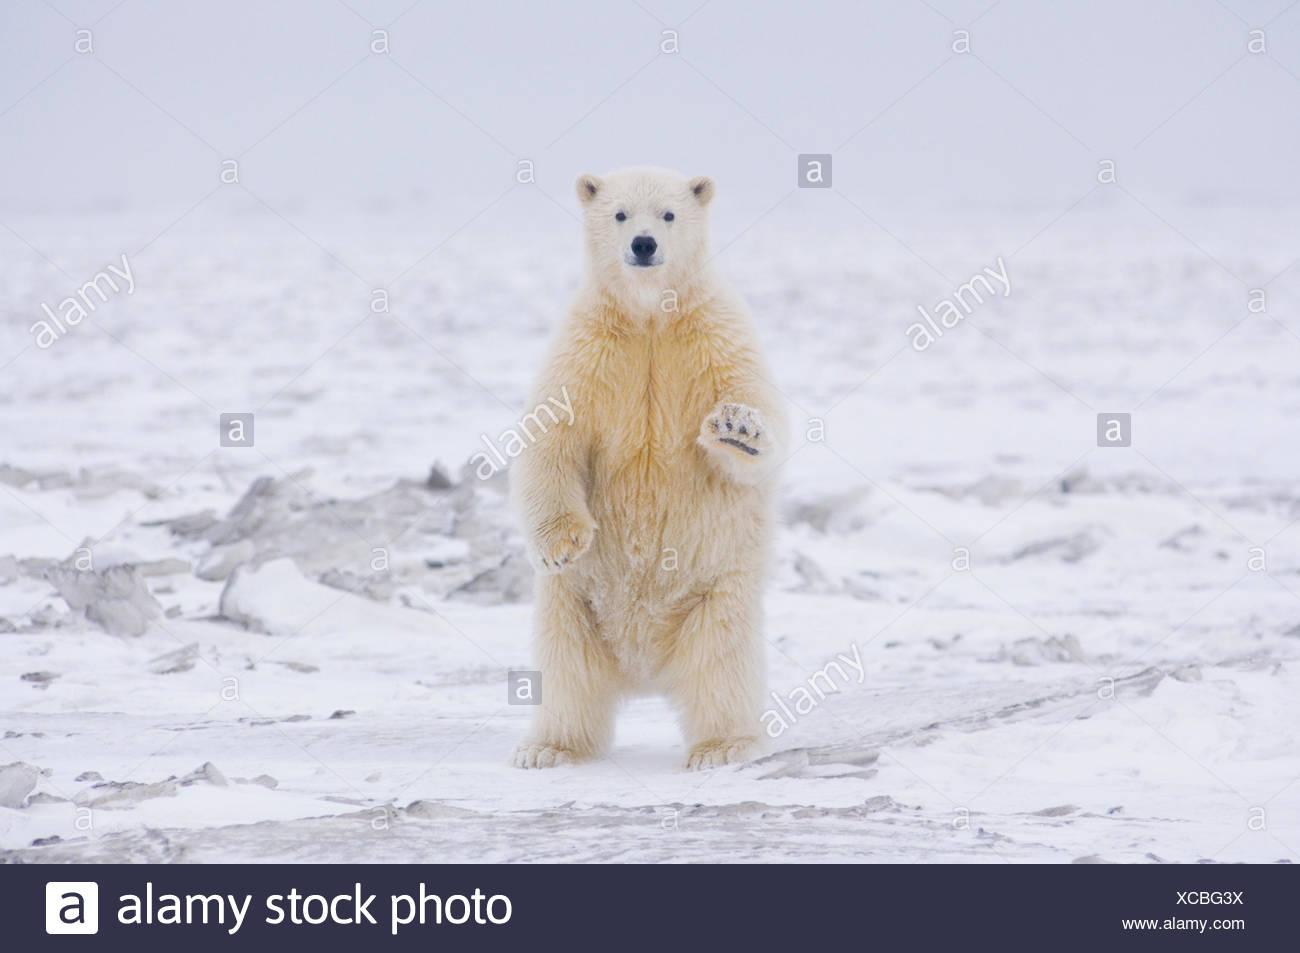 Orso polare (Ursus maritimus) curioso cub sorge sulla neonata autunno pack ghiaccio, spento il baratto isola l'Artico National Wildlife Refuge, Alaska Immagini Stock